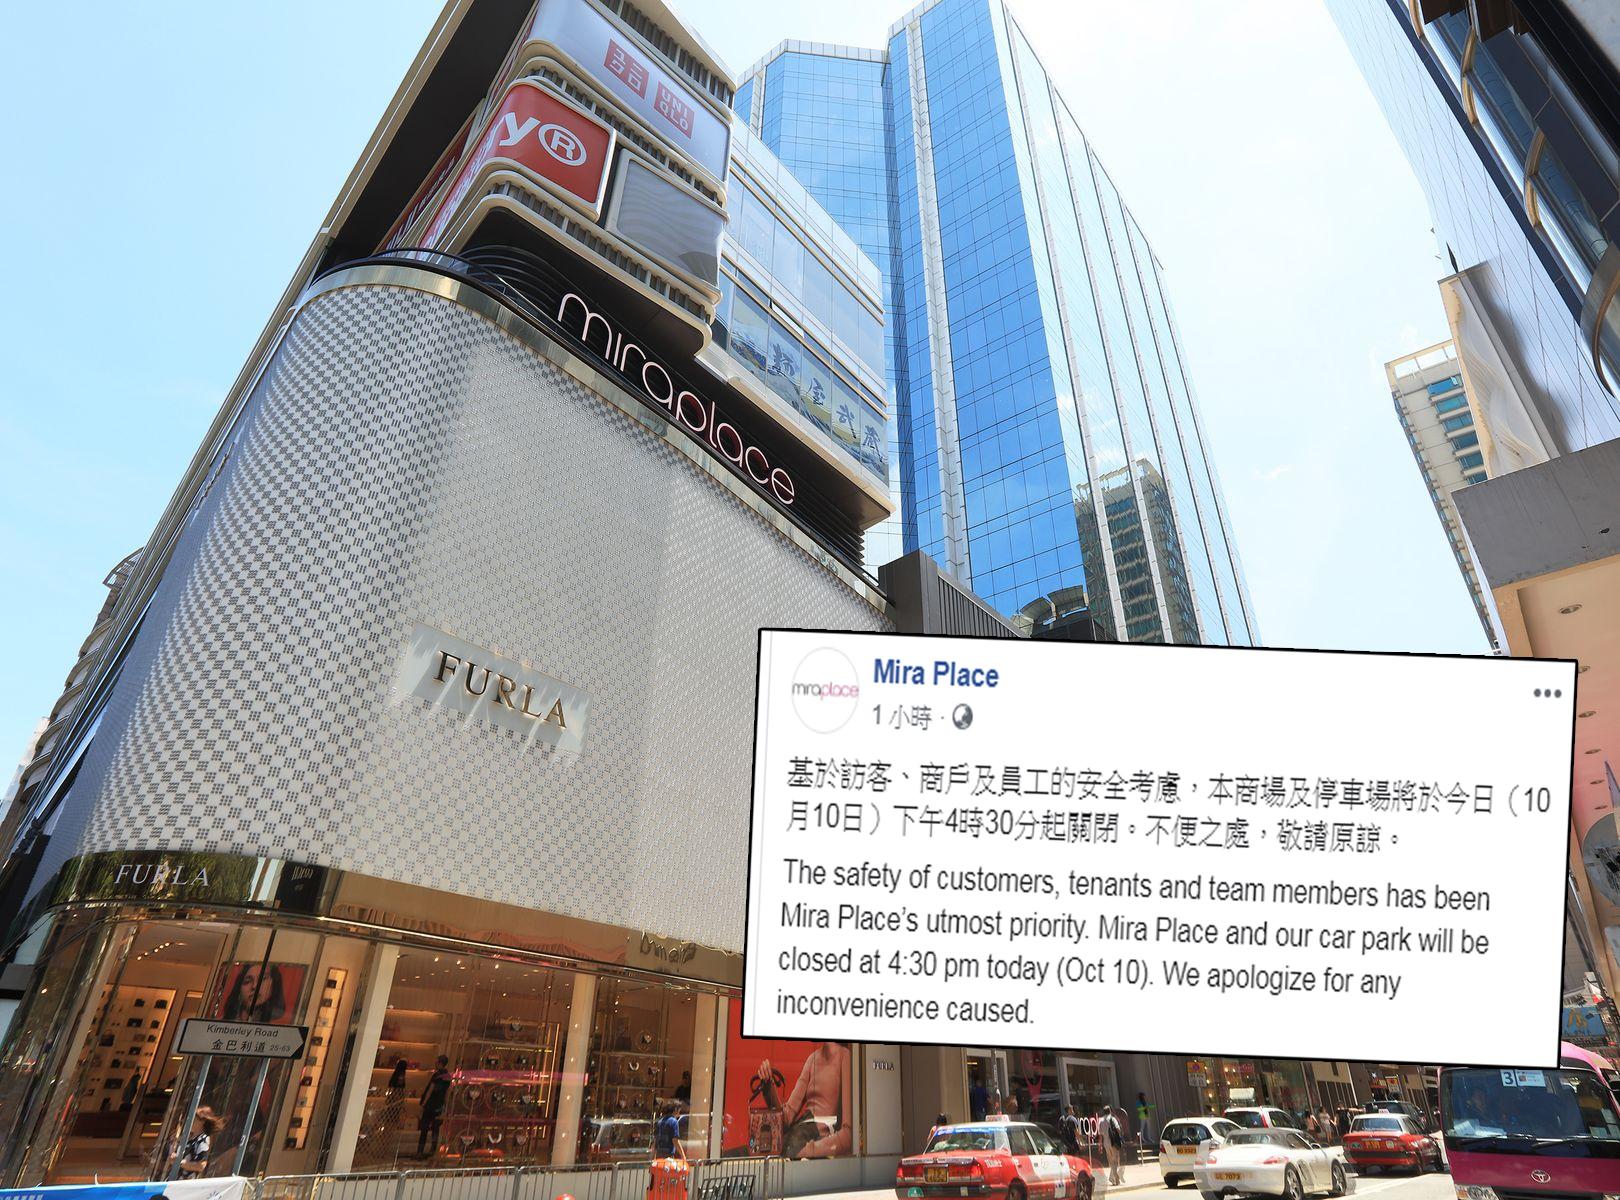 【修例风波】美丽华广场今日下午4时半关闭